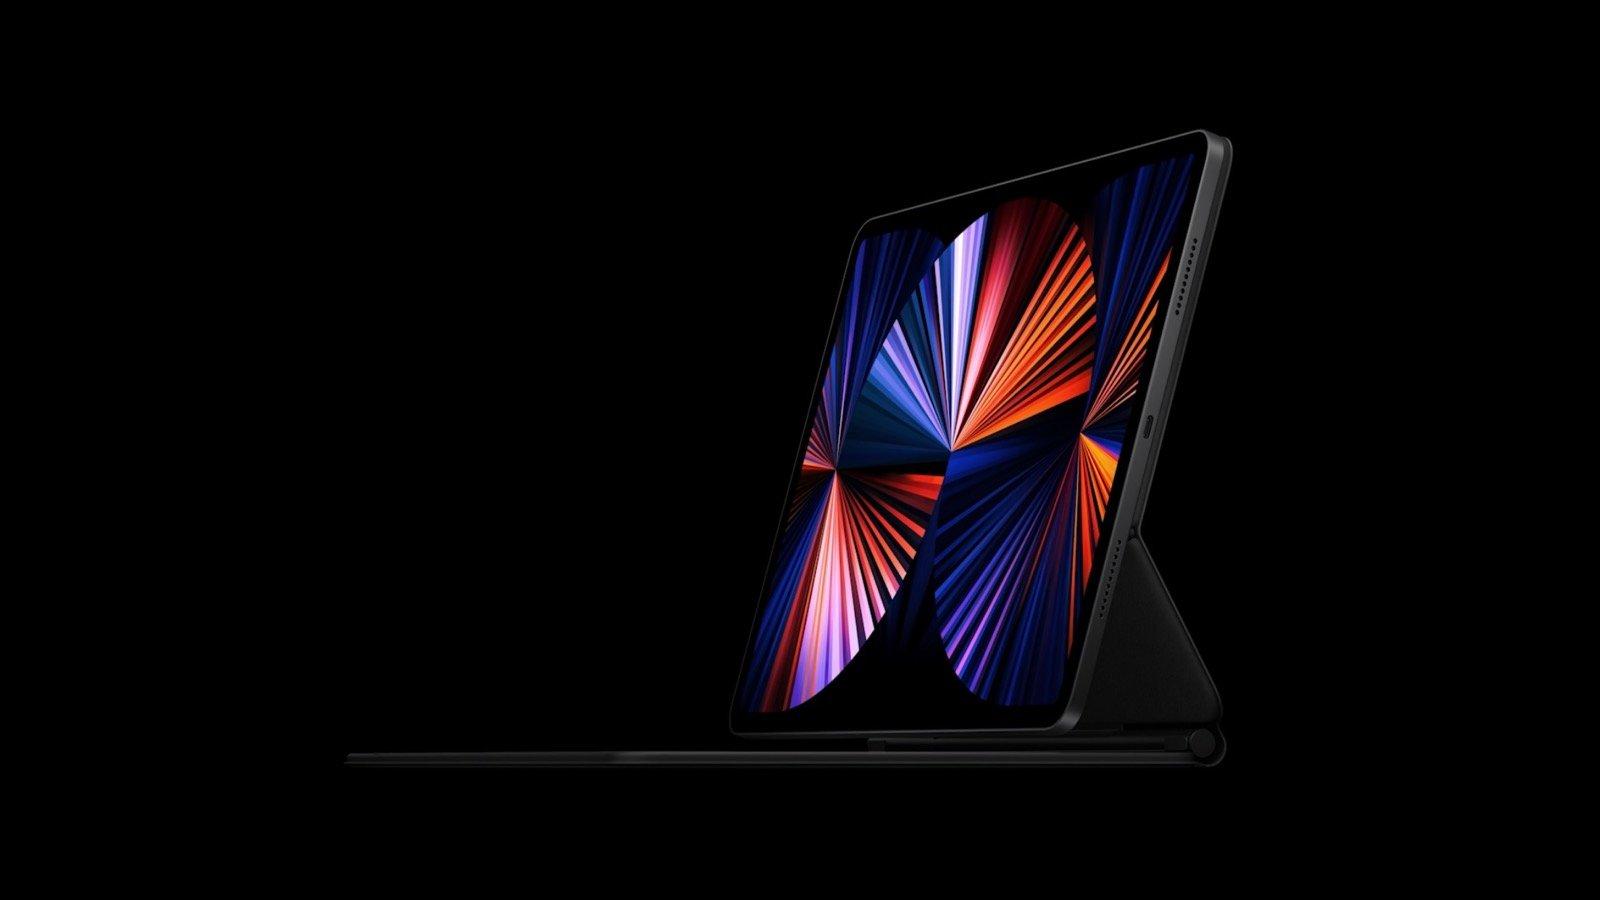 ドコモ、新型iPad Proの価格発表。11万円から